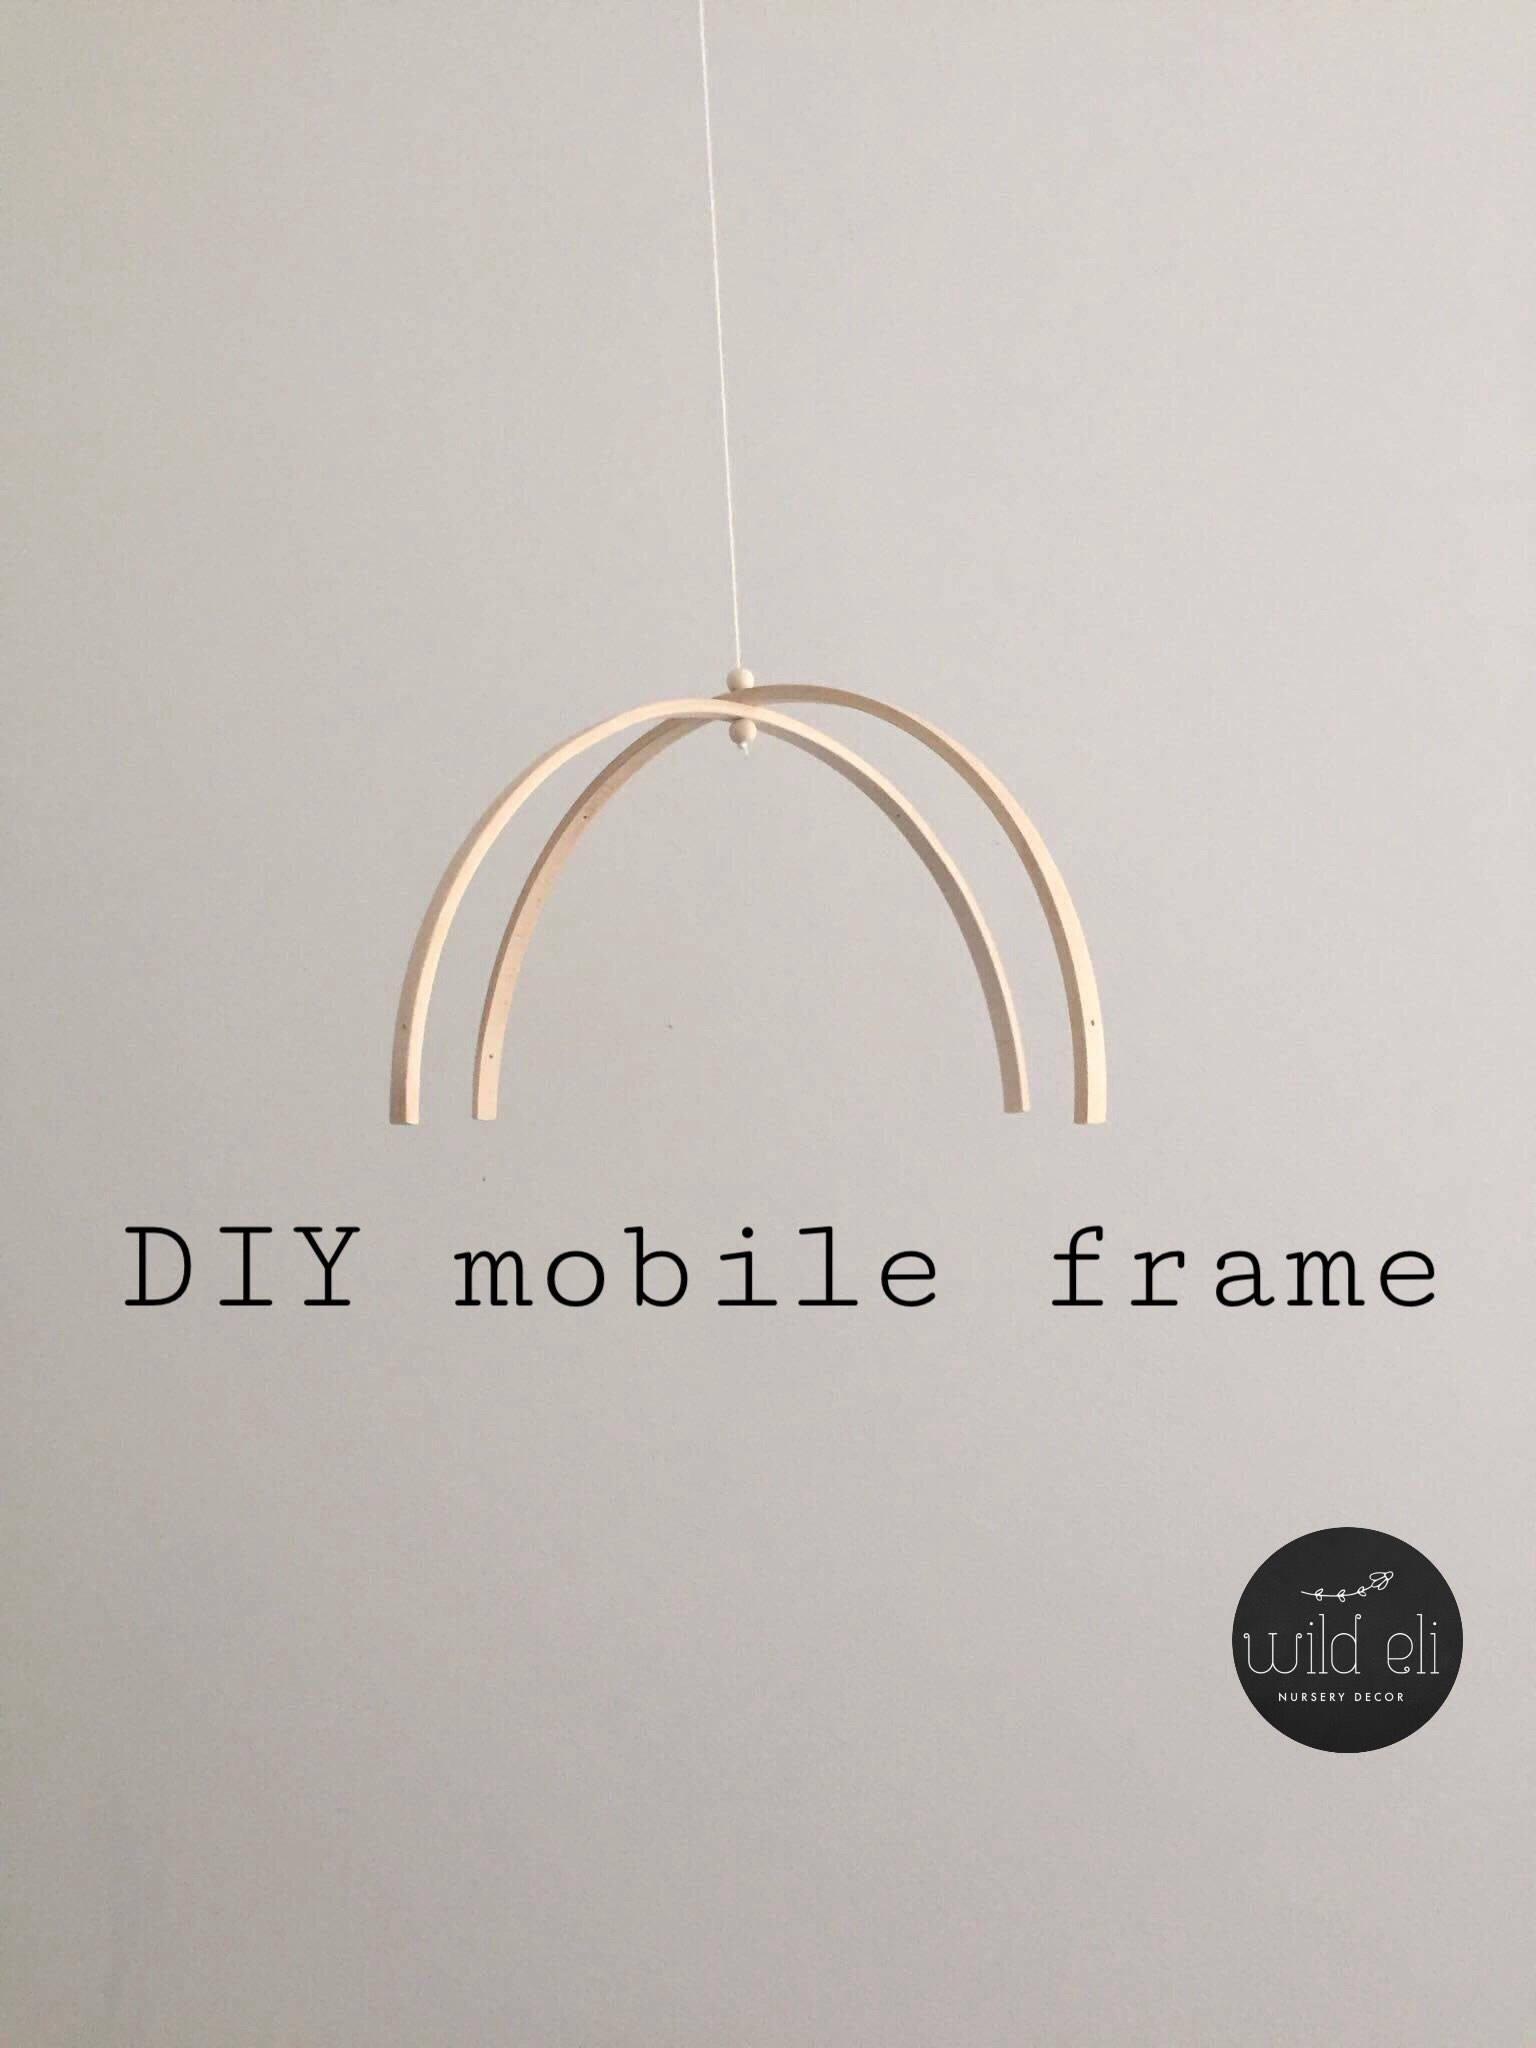 30cm diy mobile frame - Mobile Frame